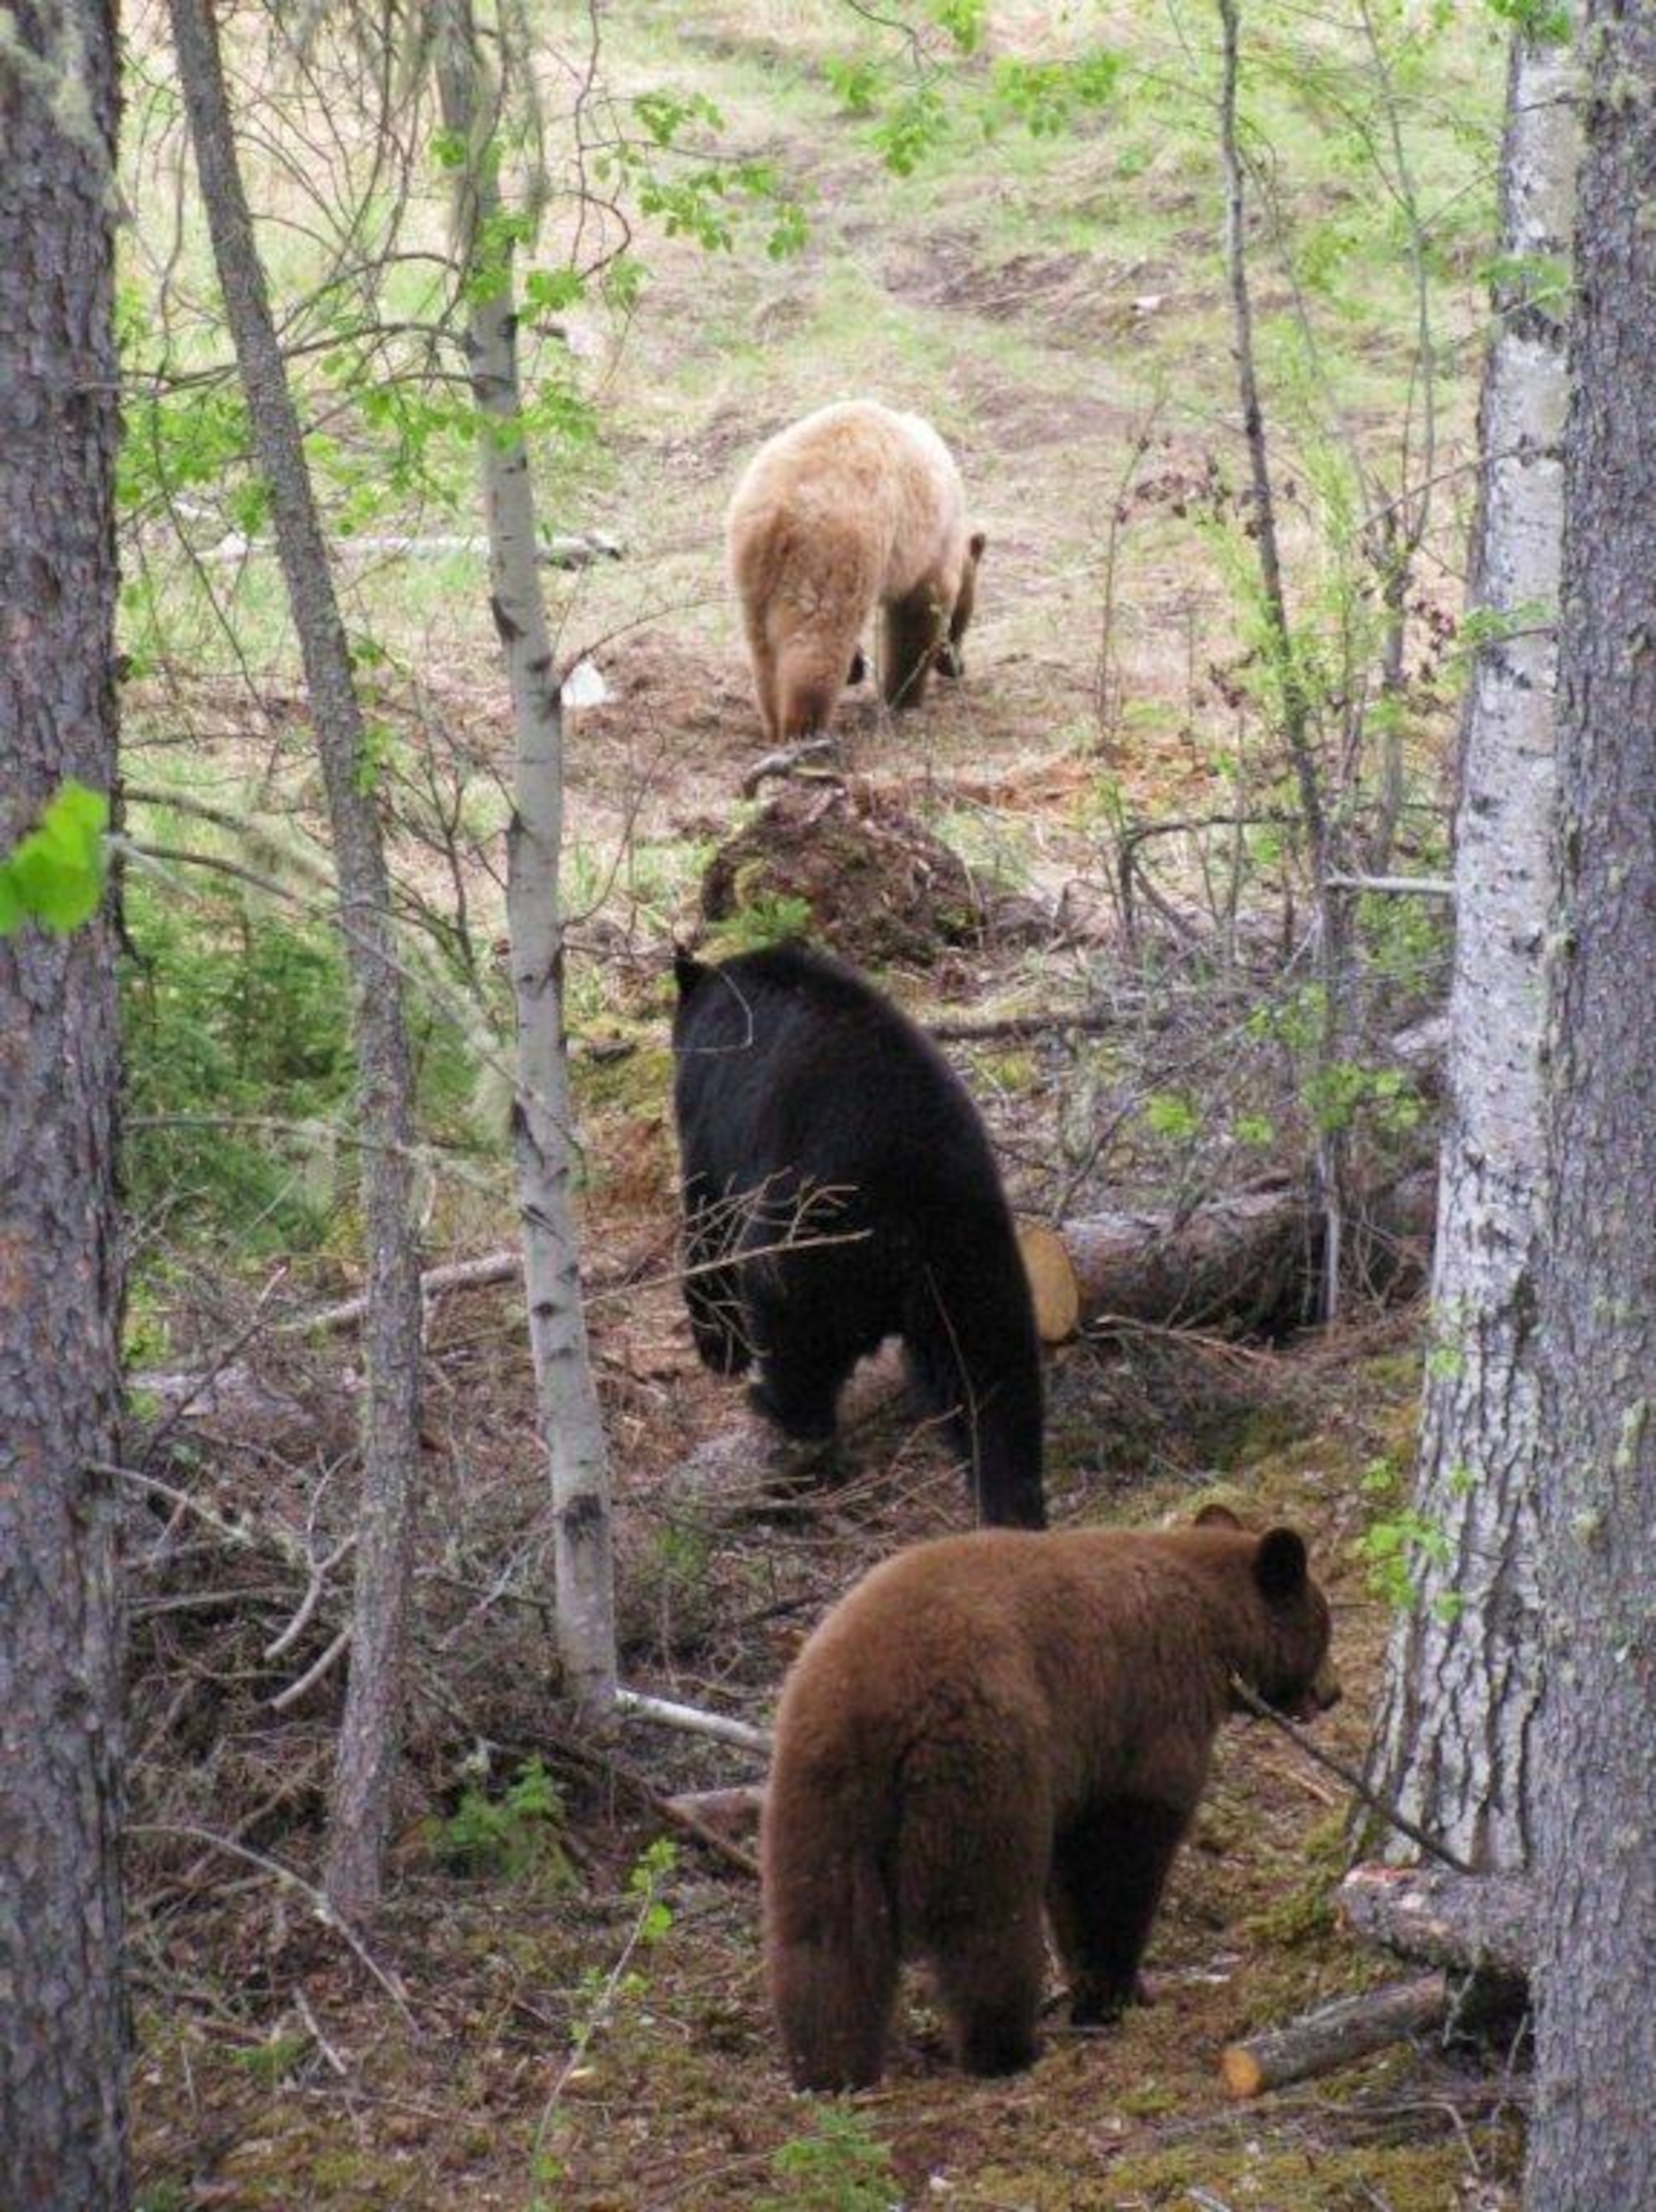 Des ours, un noir et un brun, en promenade dans une forêt boréale. Il y a des arbres coupés par terre sur de l'herbe sèche.